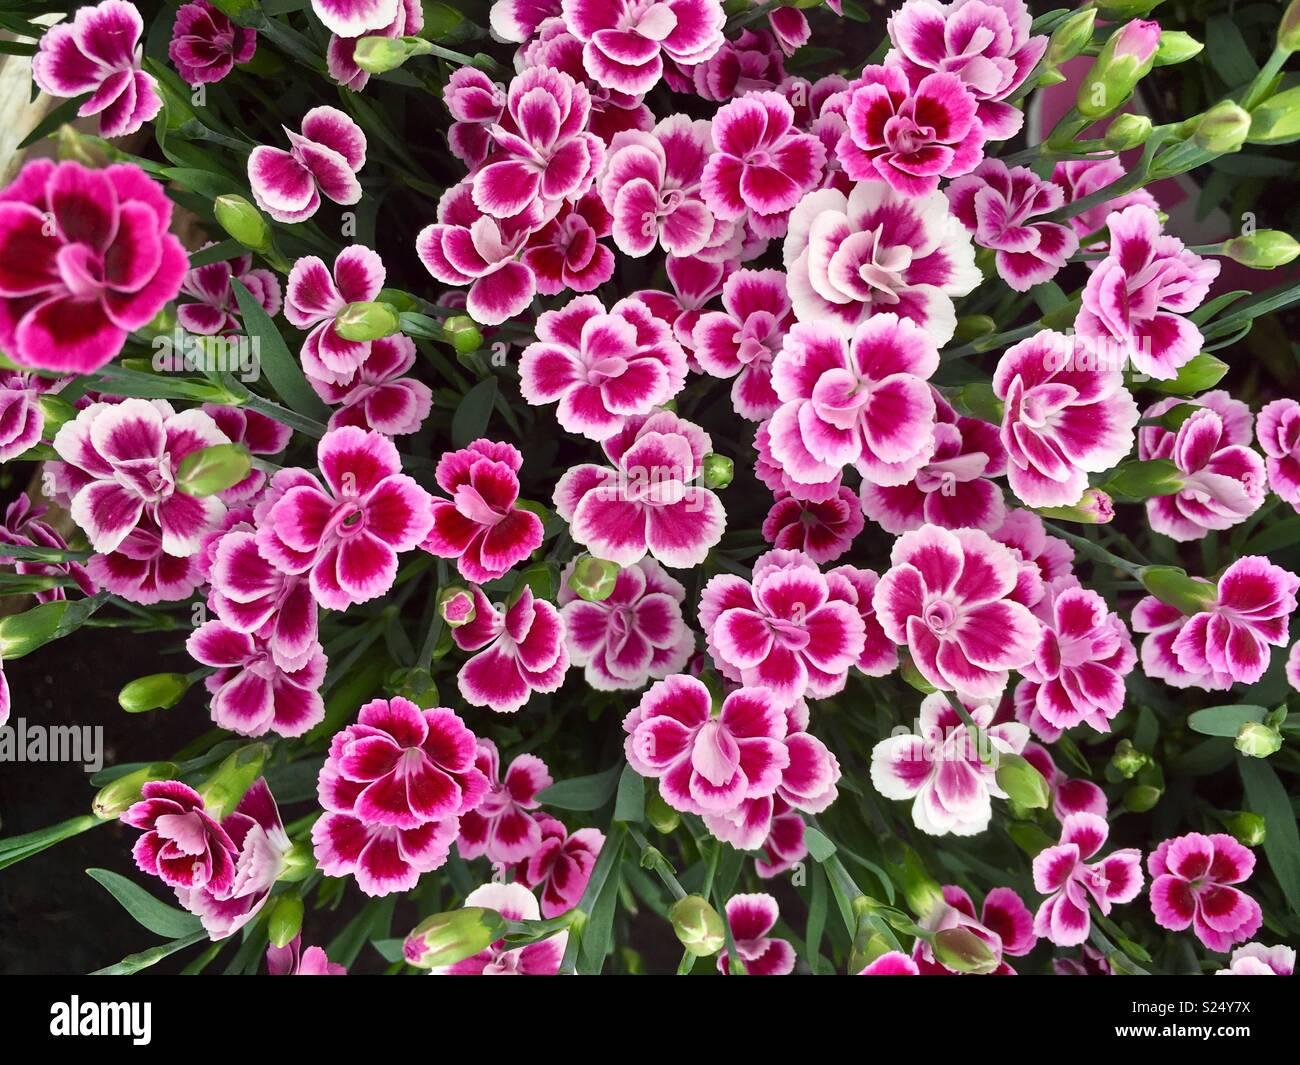 dianthus pink kisses stockfotos dianthus pink kisses bilder alamy. Black Bedroom Furniture Sets. Home Design Ideas